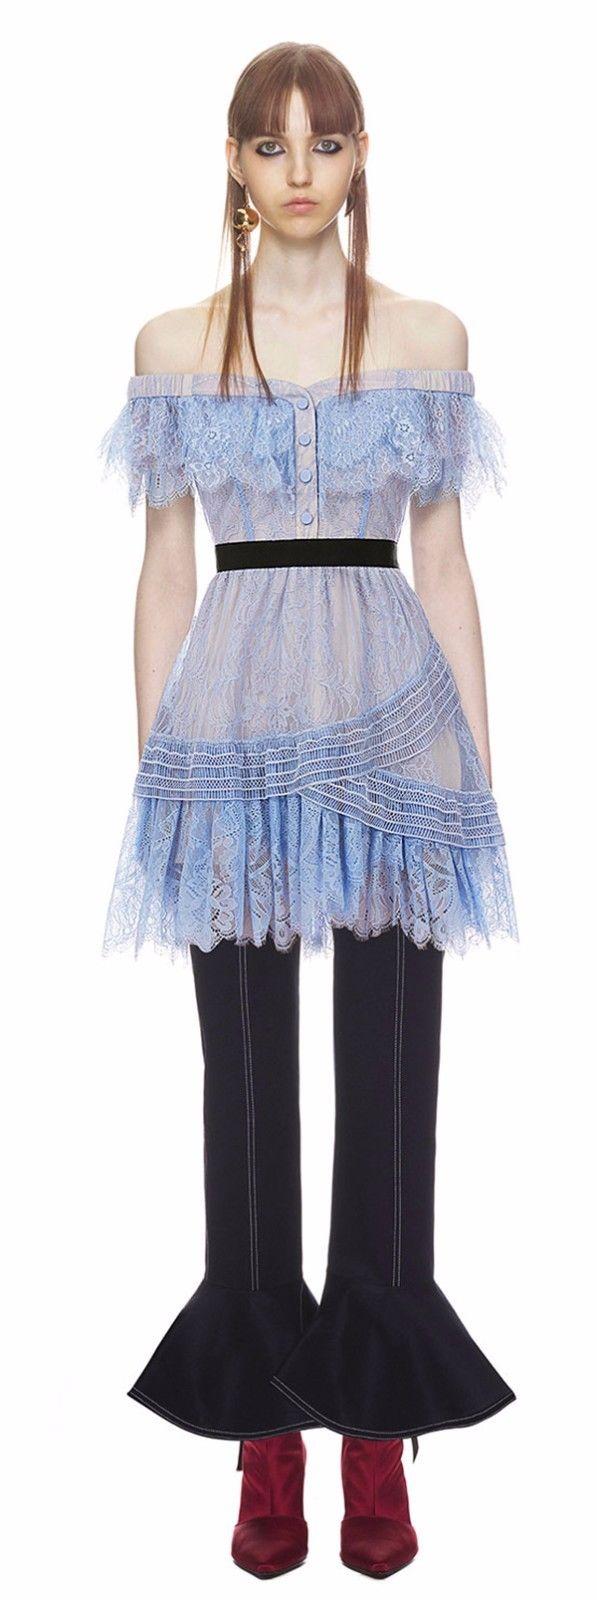 代购 Self-Portrait 一字肩蕾丝淡蓝色短袖连衣裙公主裙 美丽 女